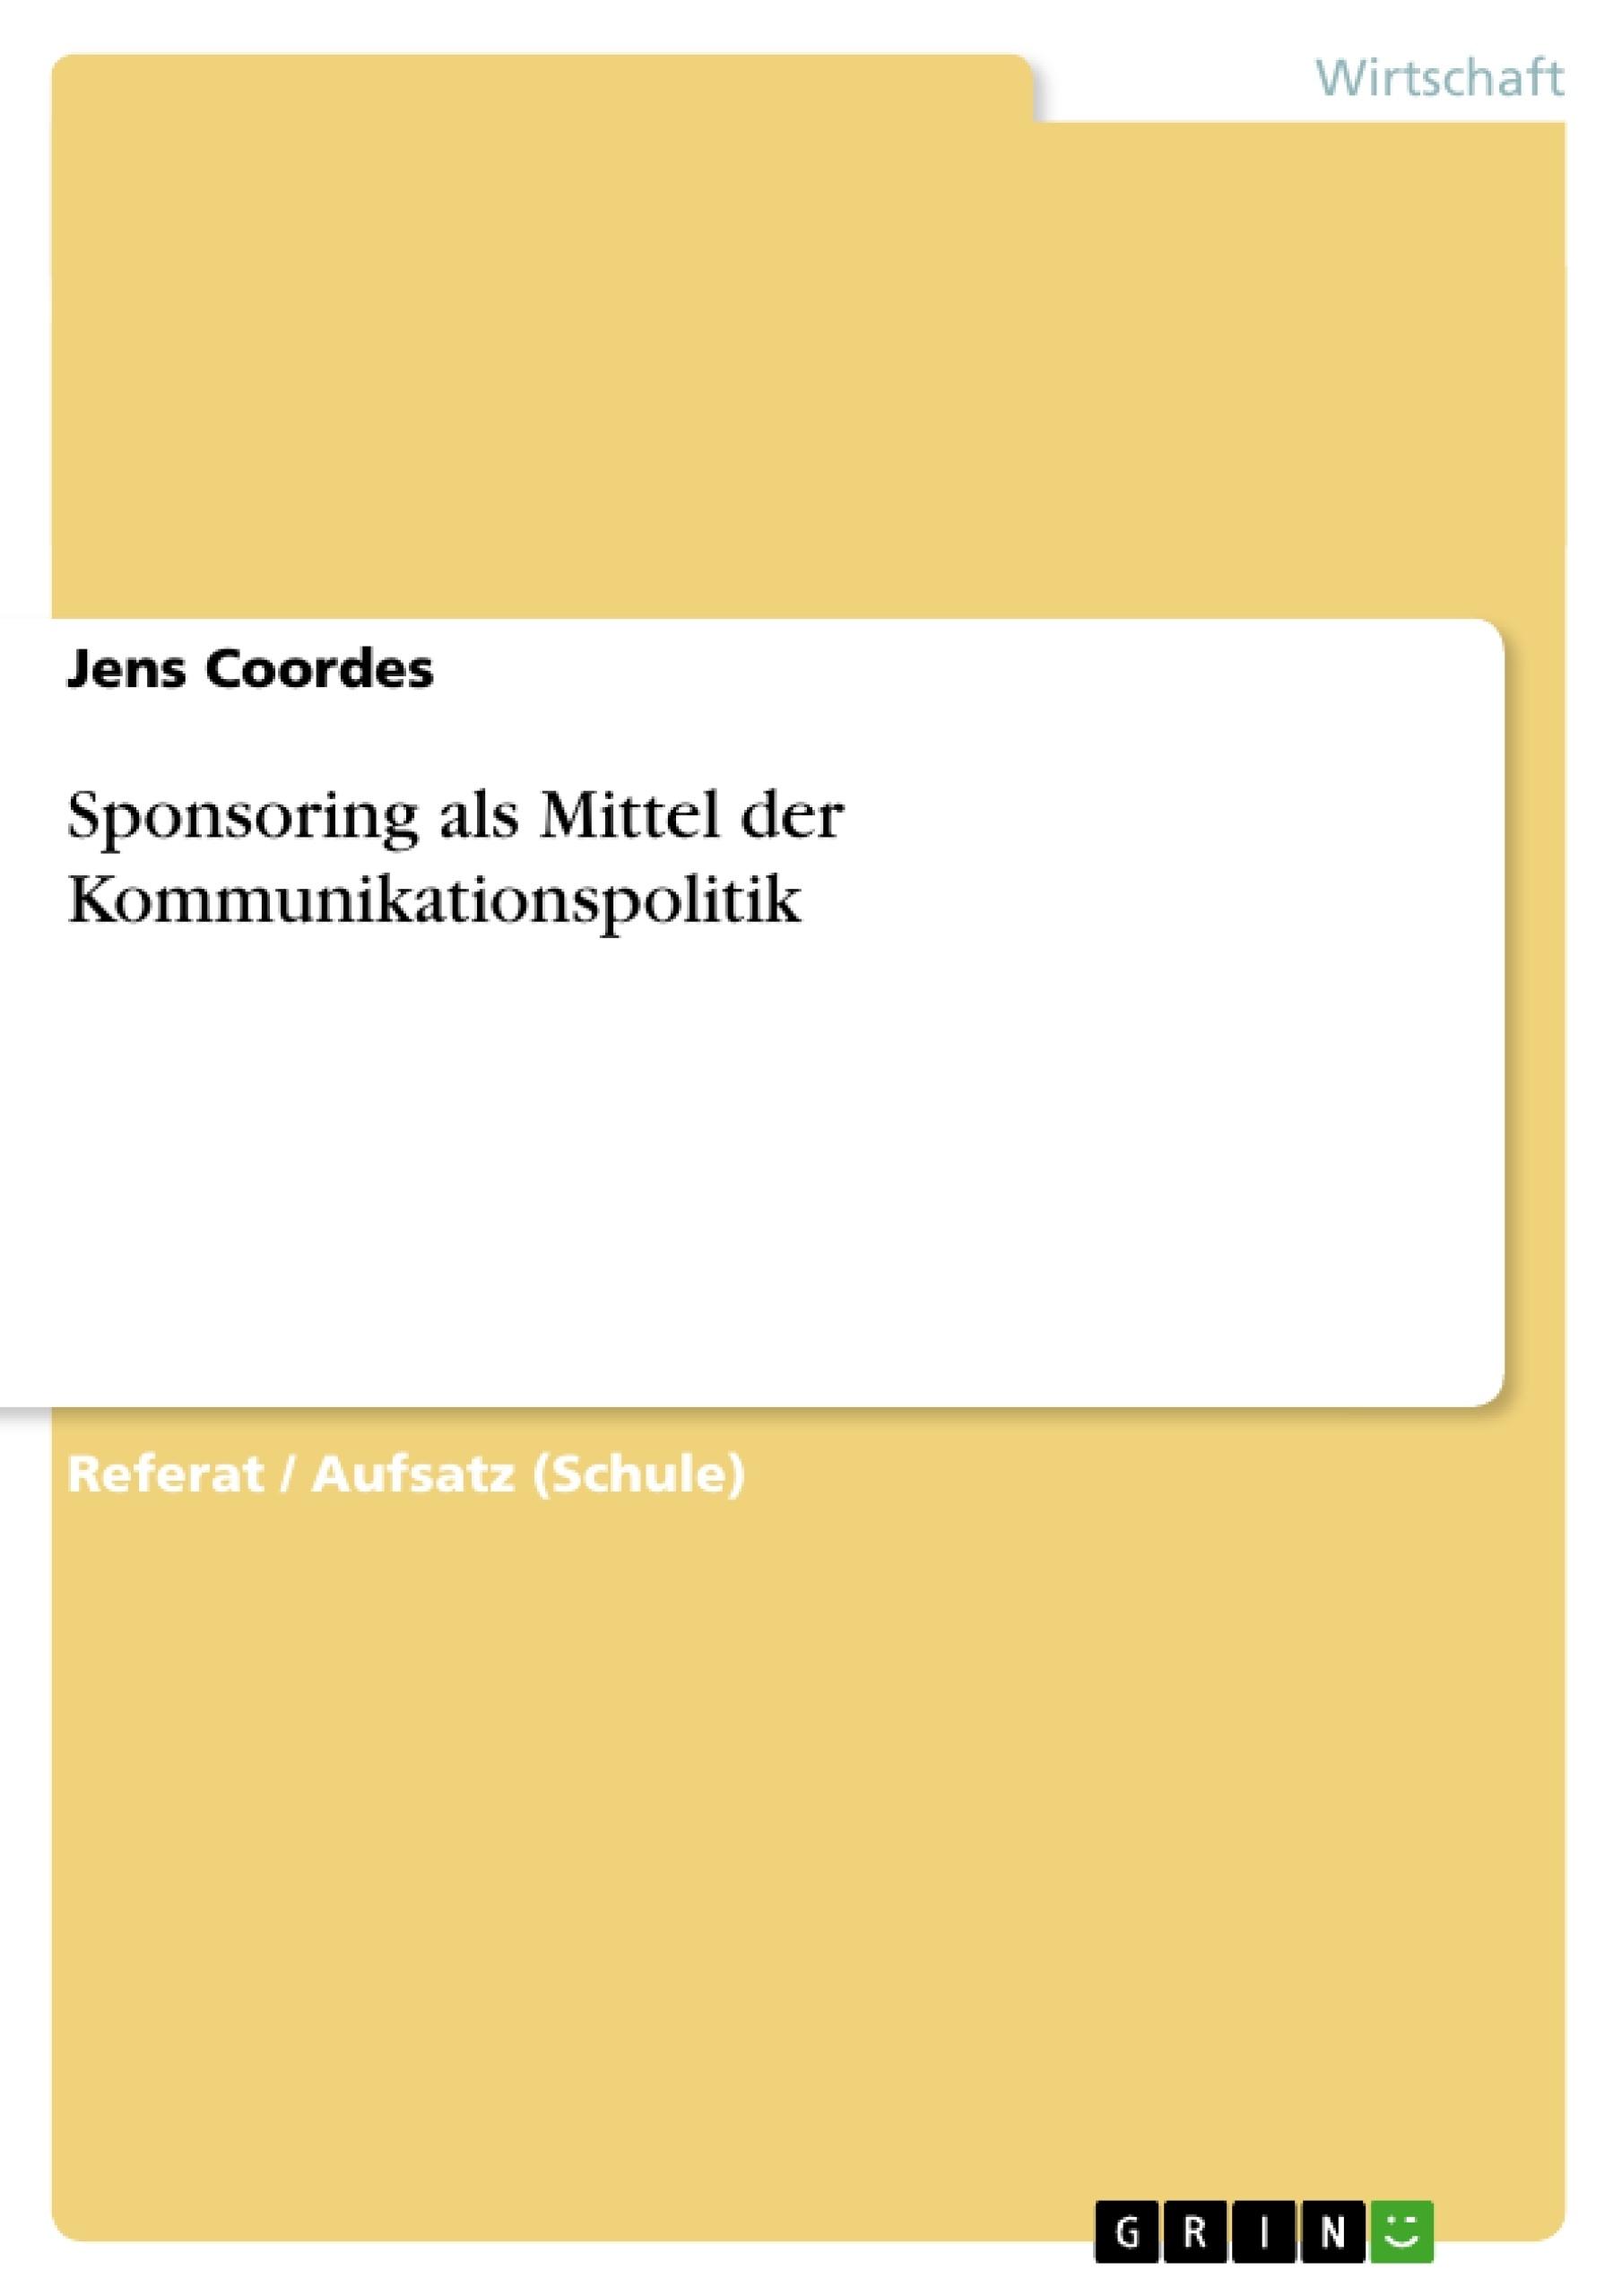 Titel: Sponsoring als Mittel der Kommunikationspolitik